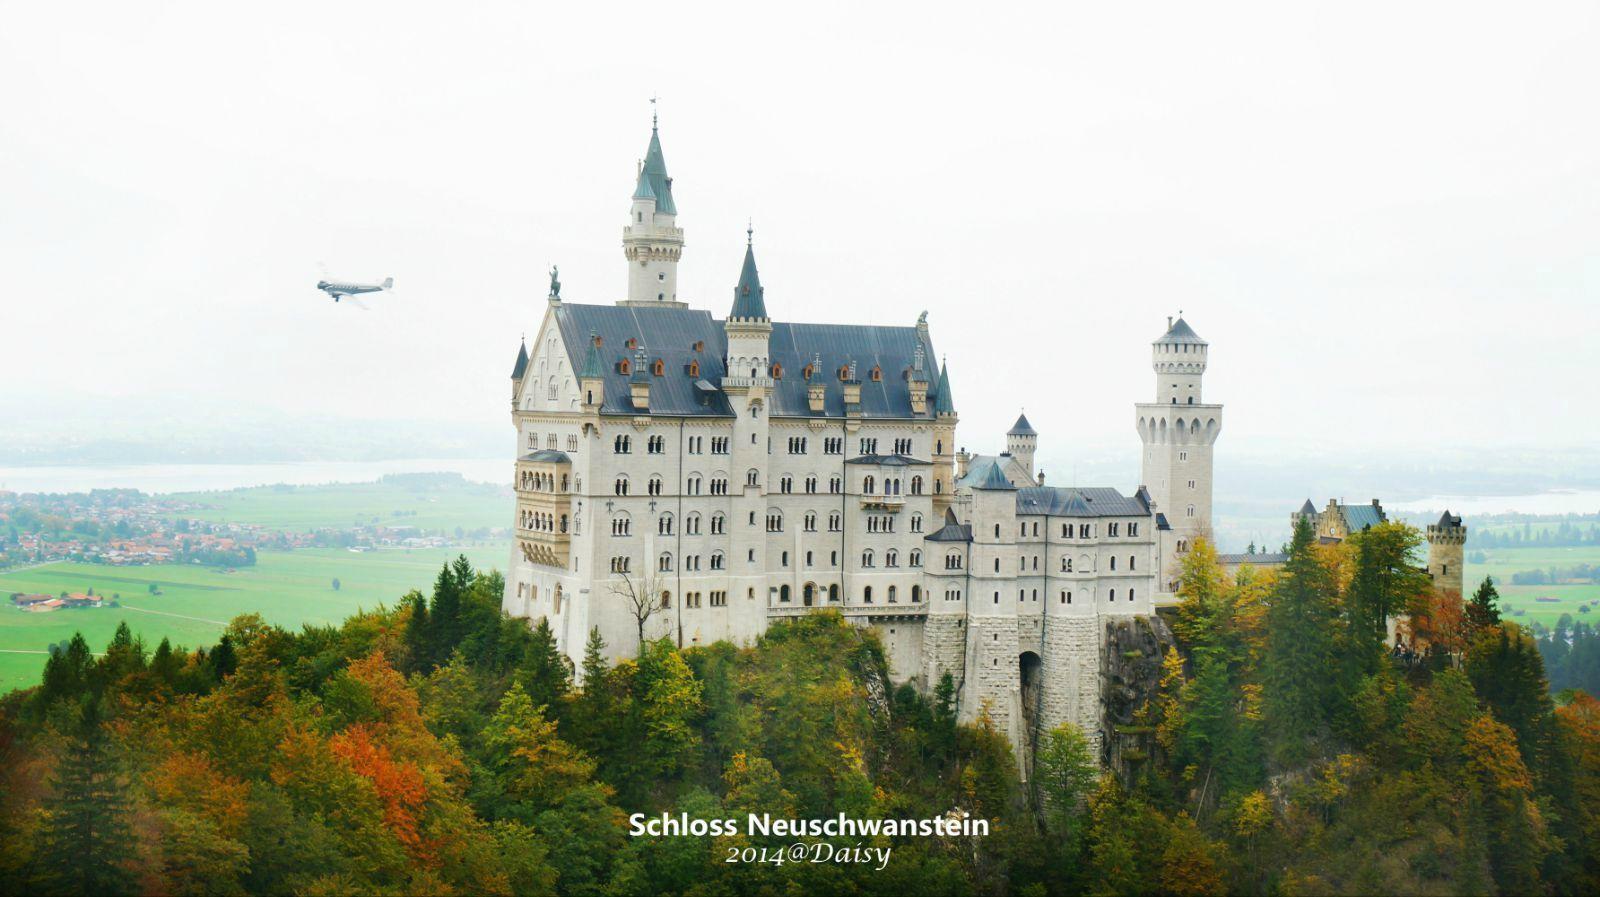 【携程攻略】巴伐利亚福森新天鹅堡好玩吗,福森新天鹅